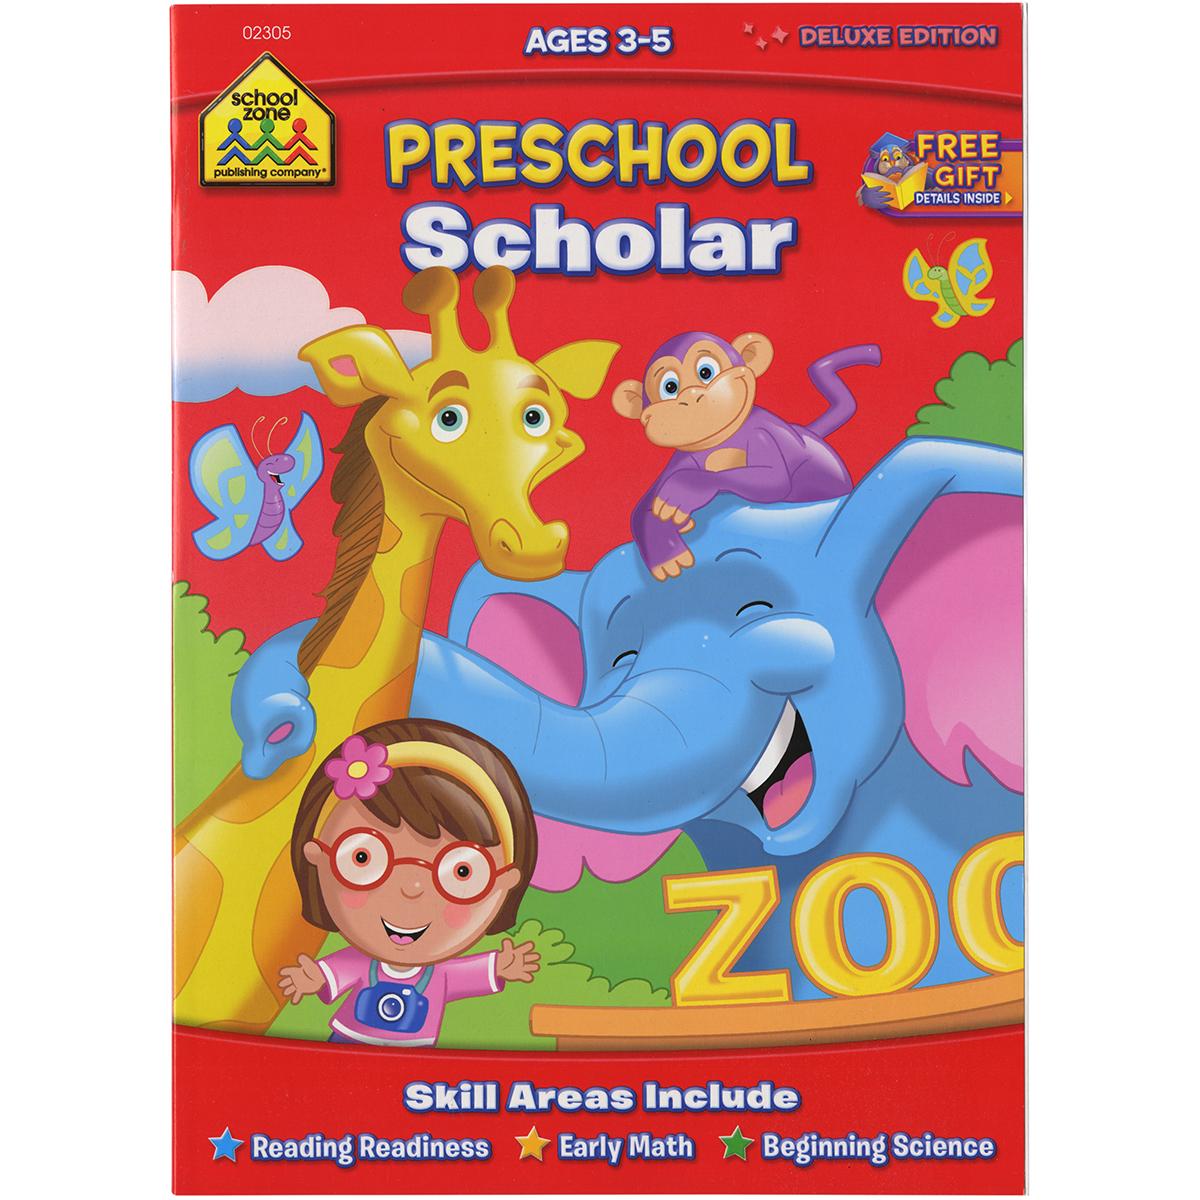 Deluxe Scholar Workbook-Preschool Scholar - Ages 3-5